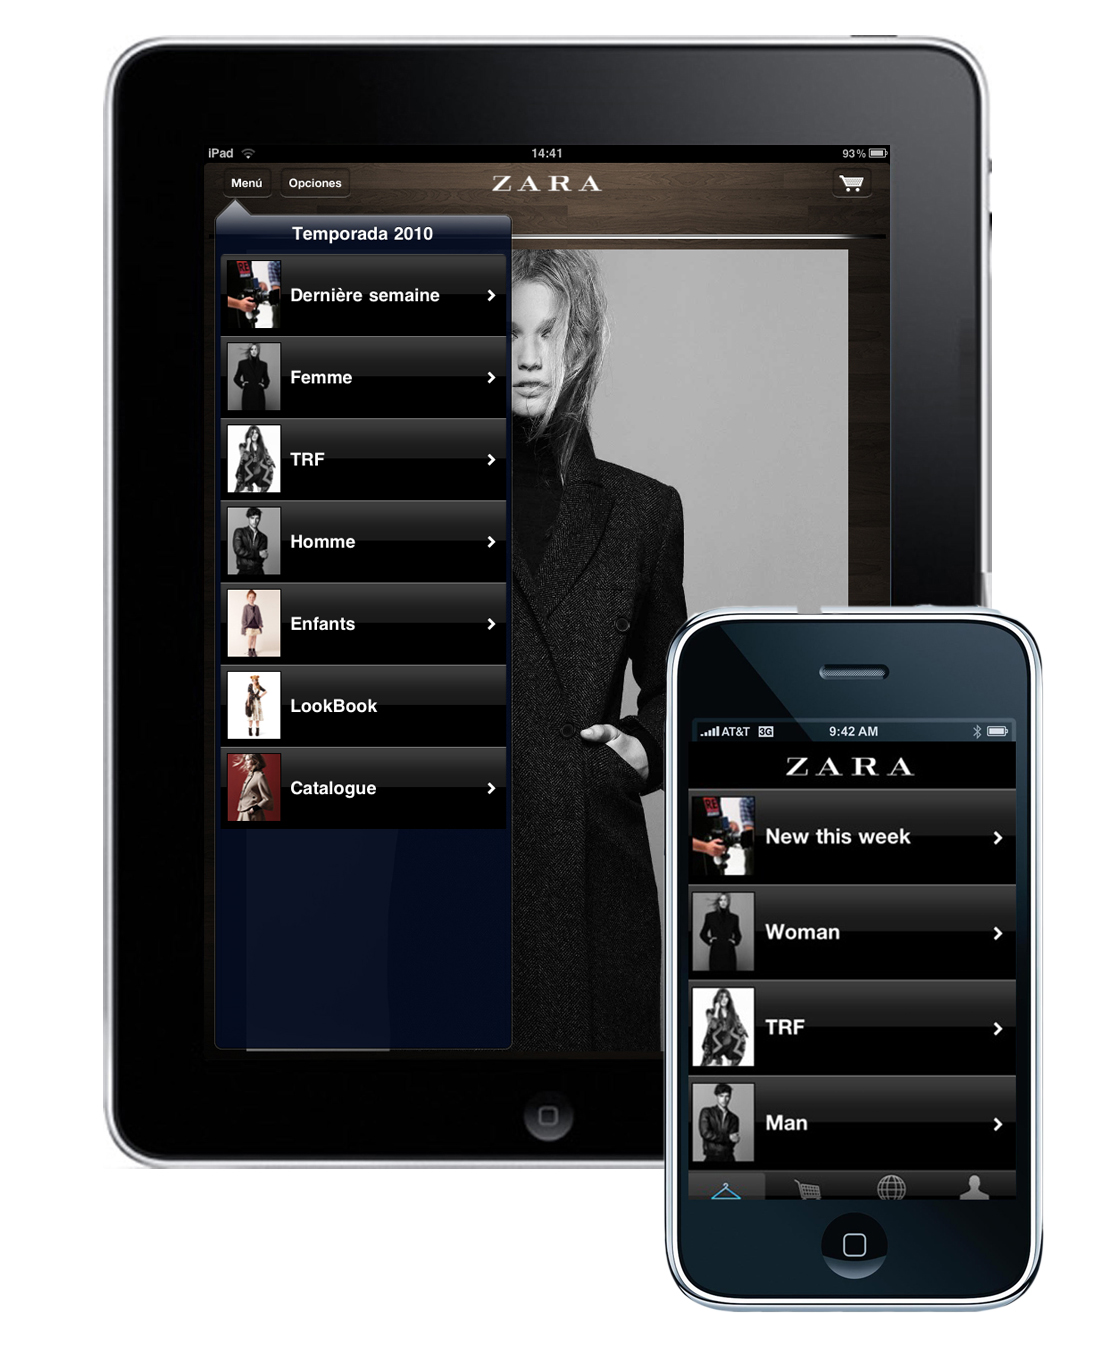 App iPhone d'enseignes (5/5) : les apps spéciales iPad